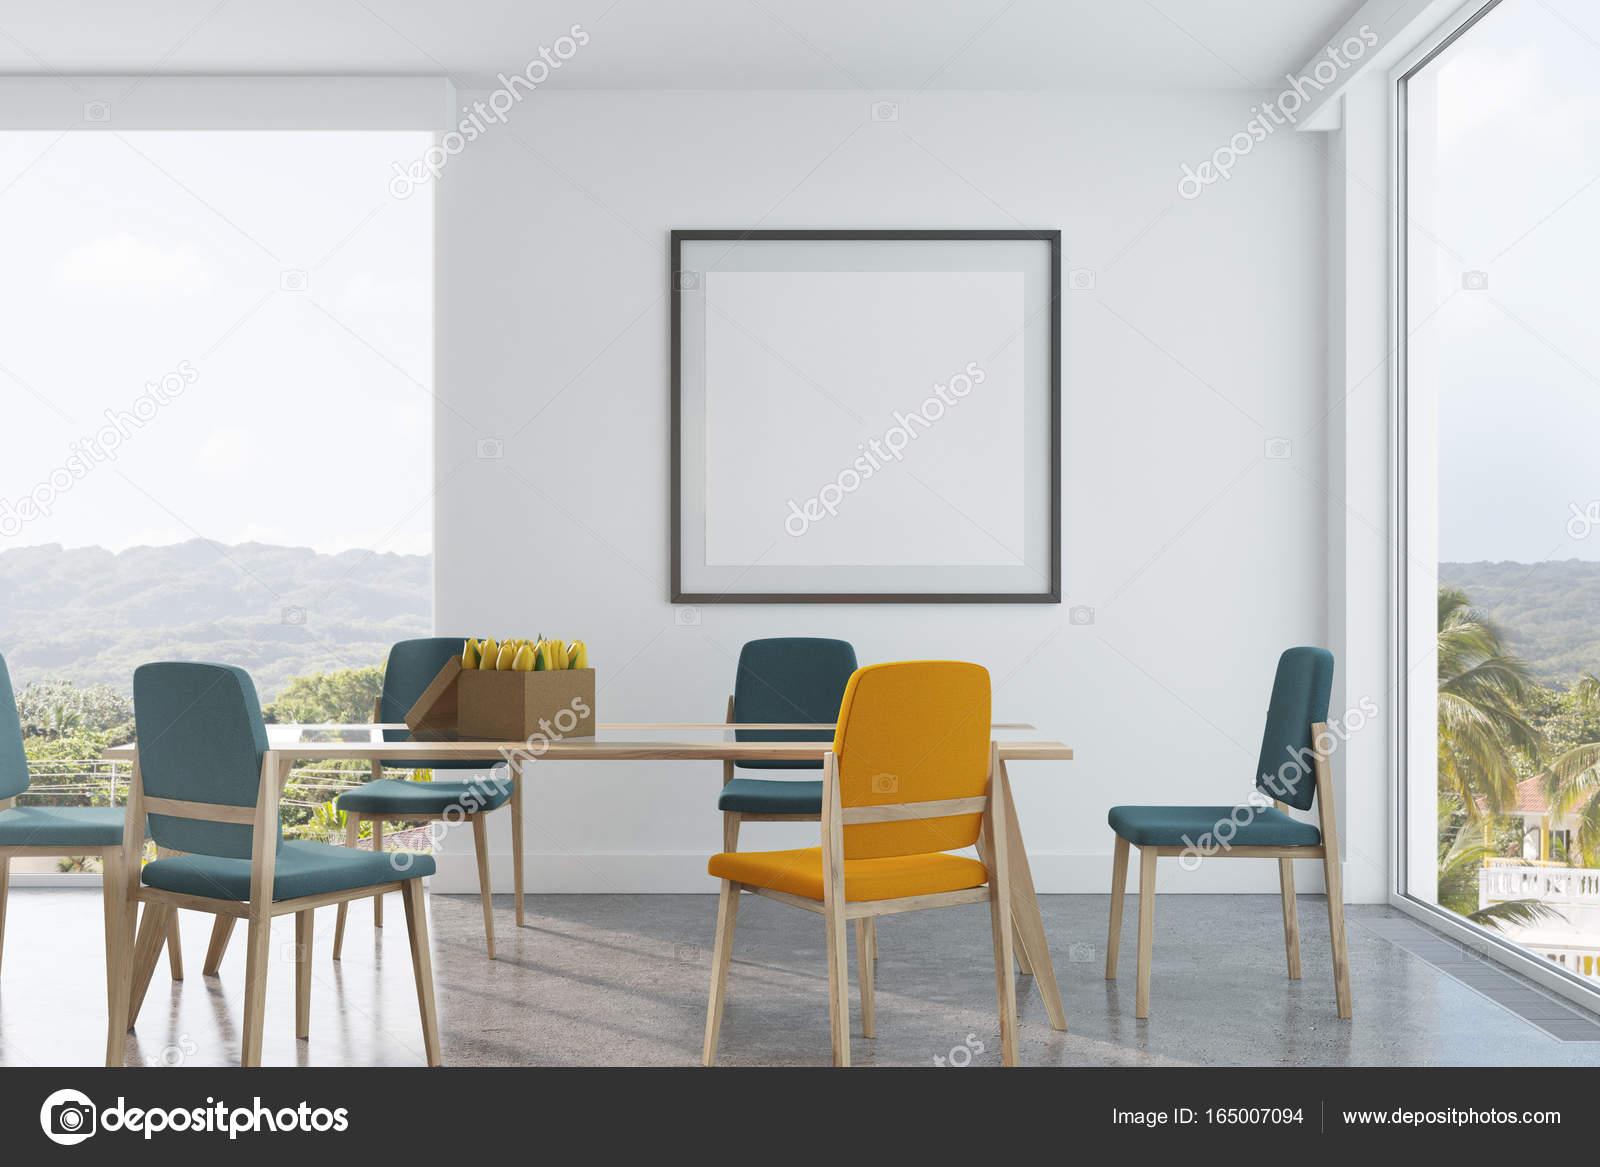 Grune Und Gelbe Stuhle Esszimmer Plakat Stockfoto